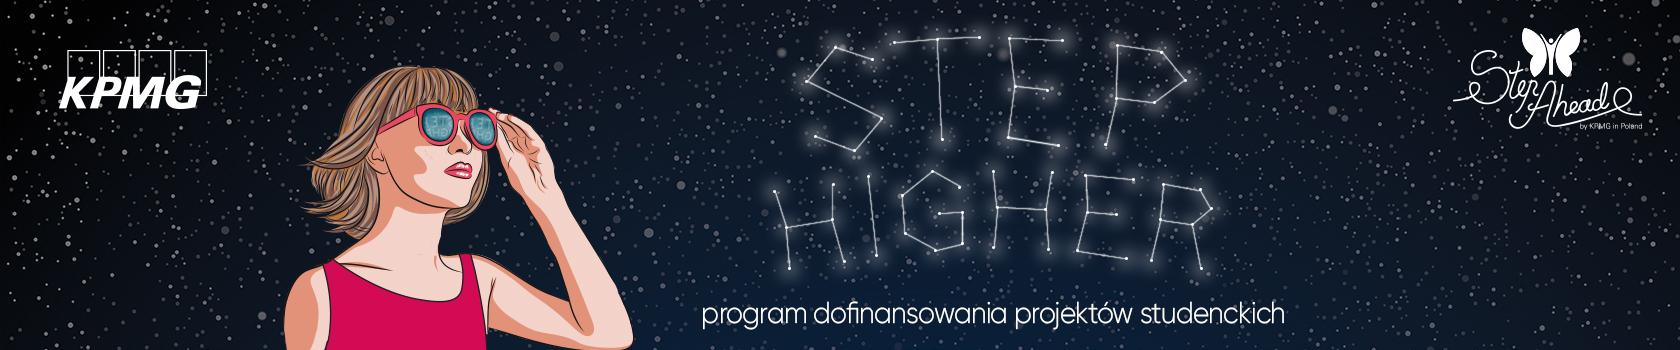 Program dofinansowania projektów studenckich w ramach działalności Klubu Step Ahead!